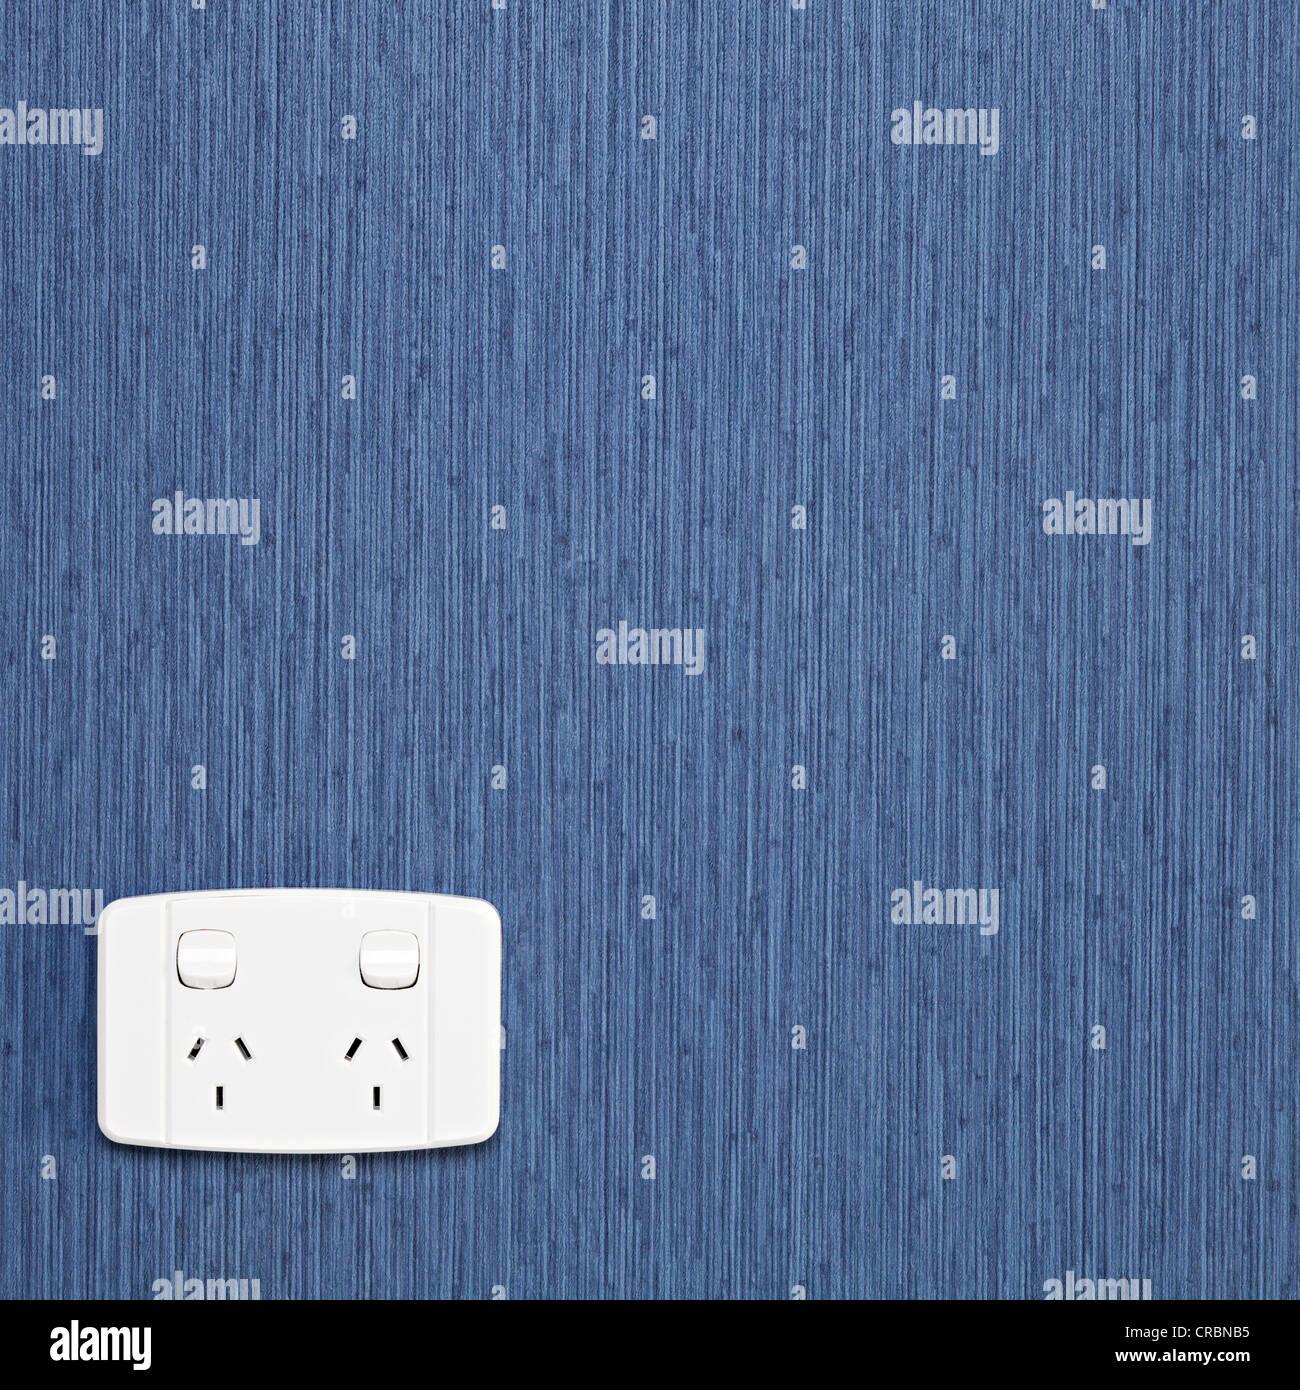 Zwei Bande schaltet elektrische Power-Point, Australien/Neuseeland-Muster, Wand mit blauen strukturierte Tapeten. Stockbild